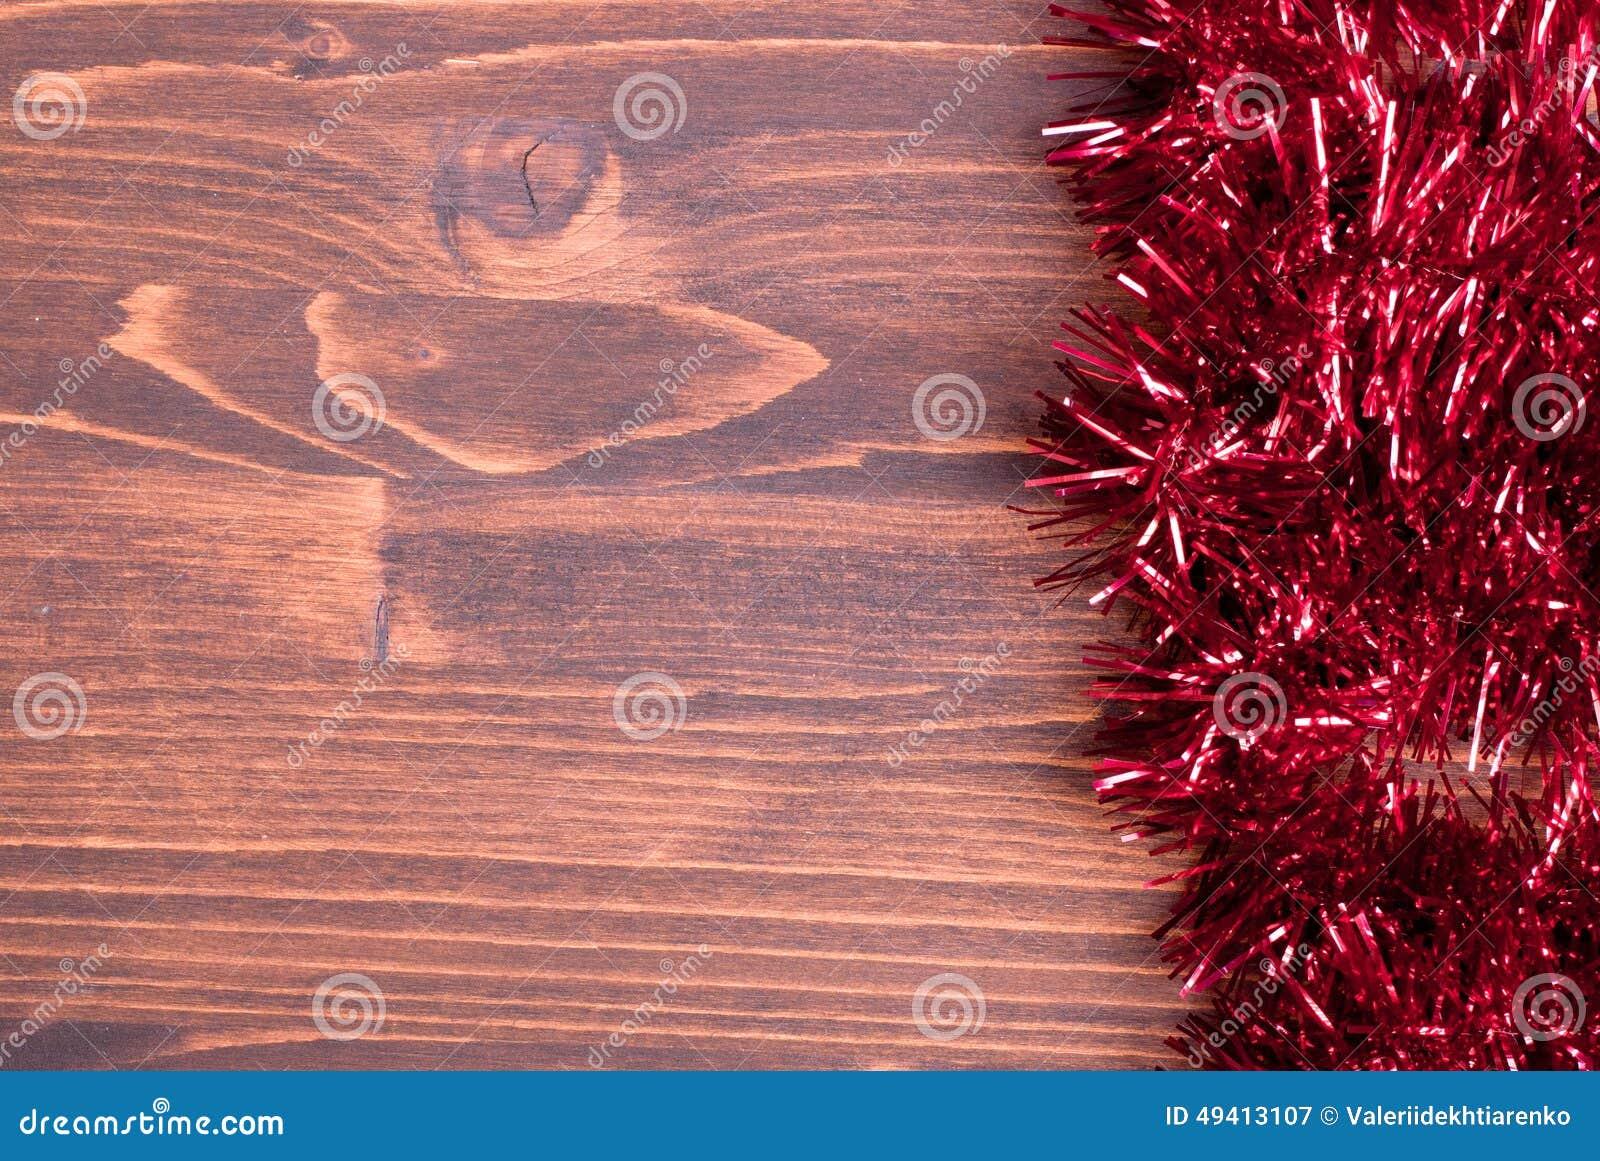 Download Farbige Weihnachtslichter Auf Einer Farbe Maserten Brett Gelassenen Raum FO Stockbild - Bild von hintergrund, gold: 49413107